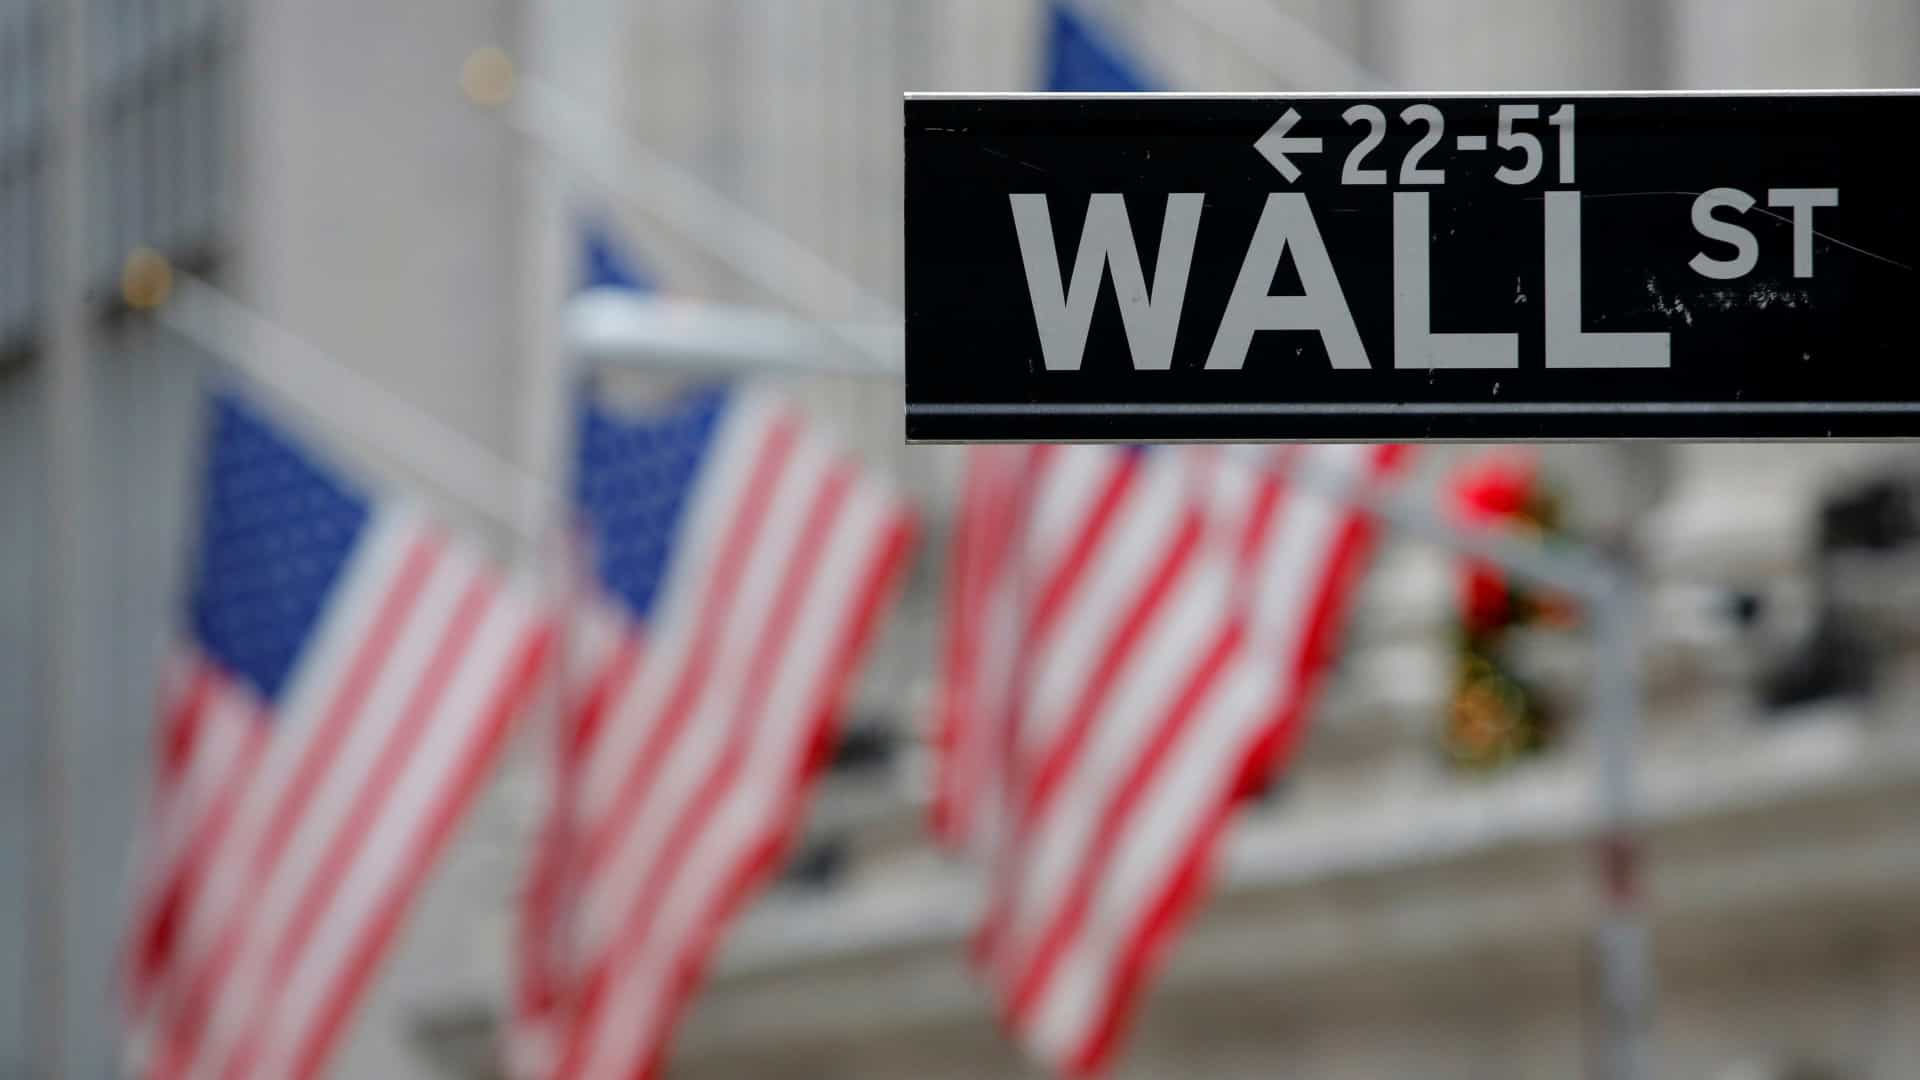 Wall Street fecha dia em baixa dececionada com China, mas semana em alta